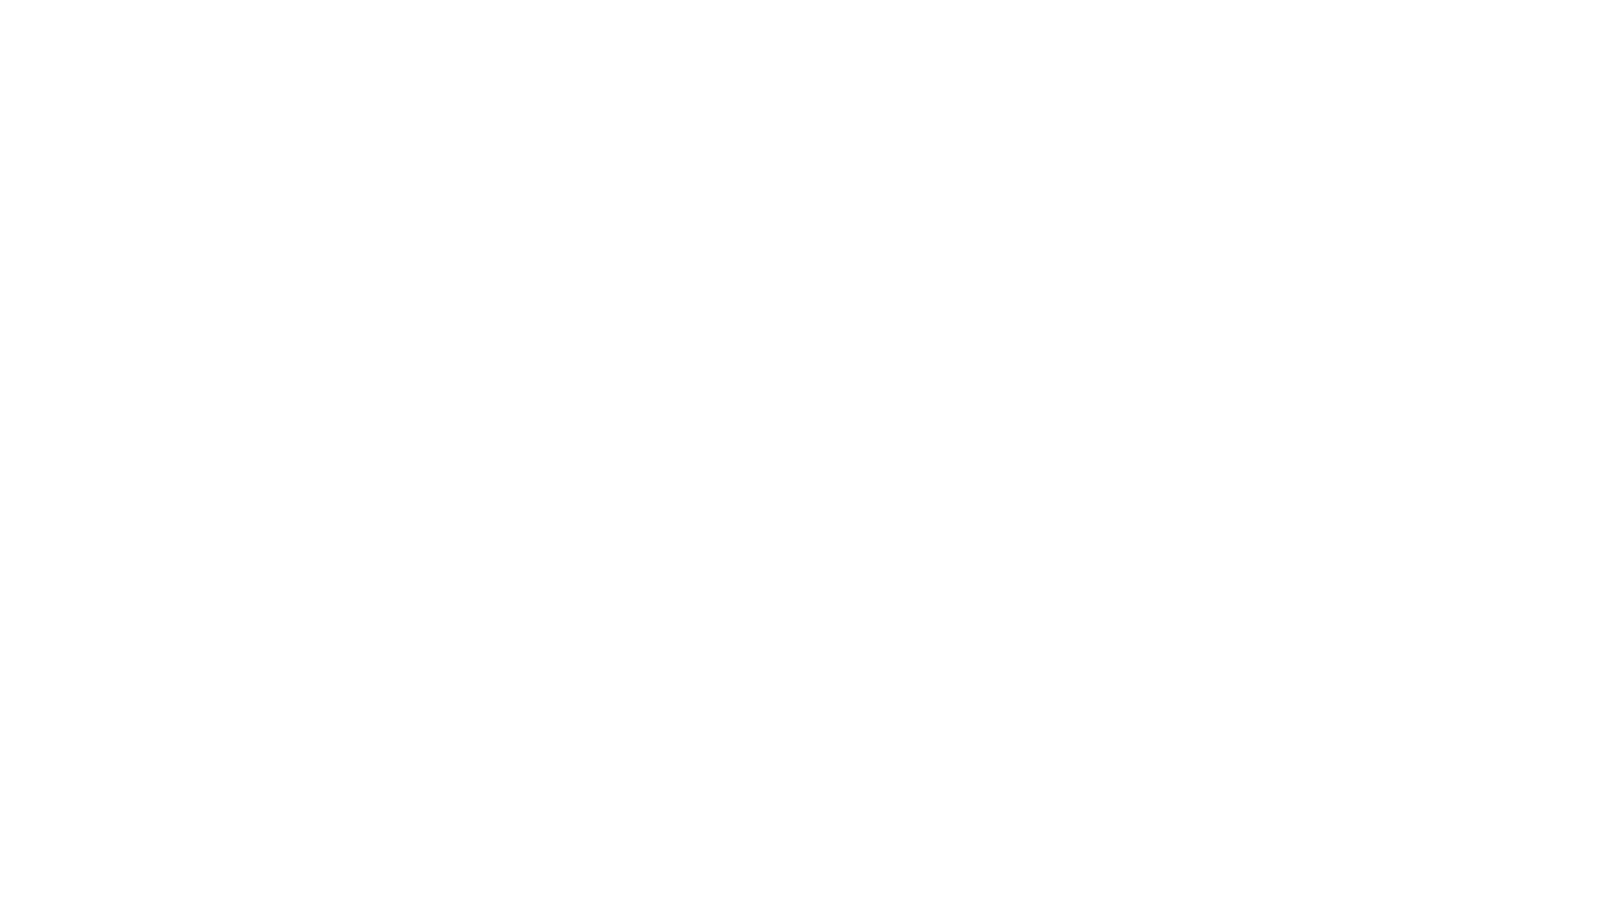 """""""La persecuzione dei cristiani nel mondo""""  Videoconferenza con il Dott.Magdi Cristiano Allam, Franco Troccoli (Responsabile Dip. Cultura, Spettacolo e Teatro FDI) e il sottoscritto Consigliere Comunale"""